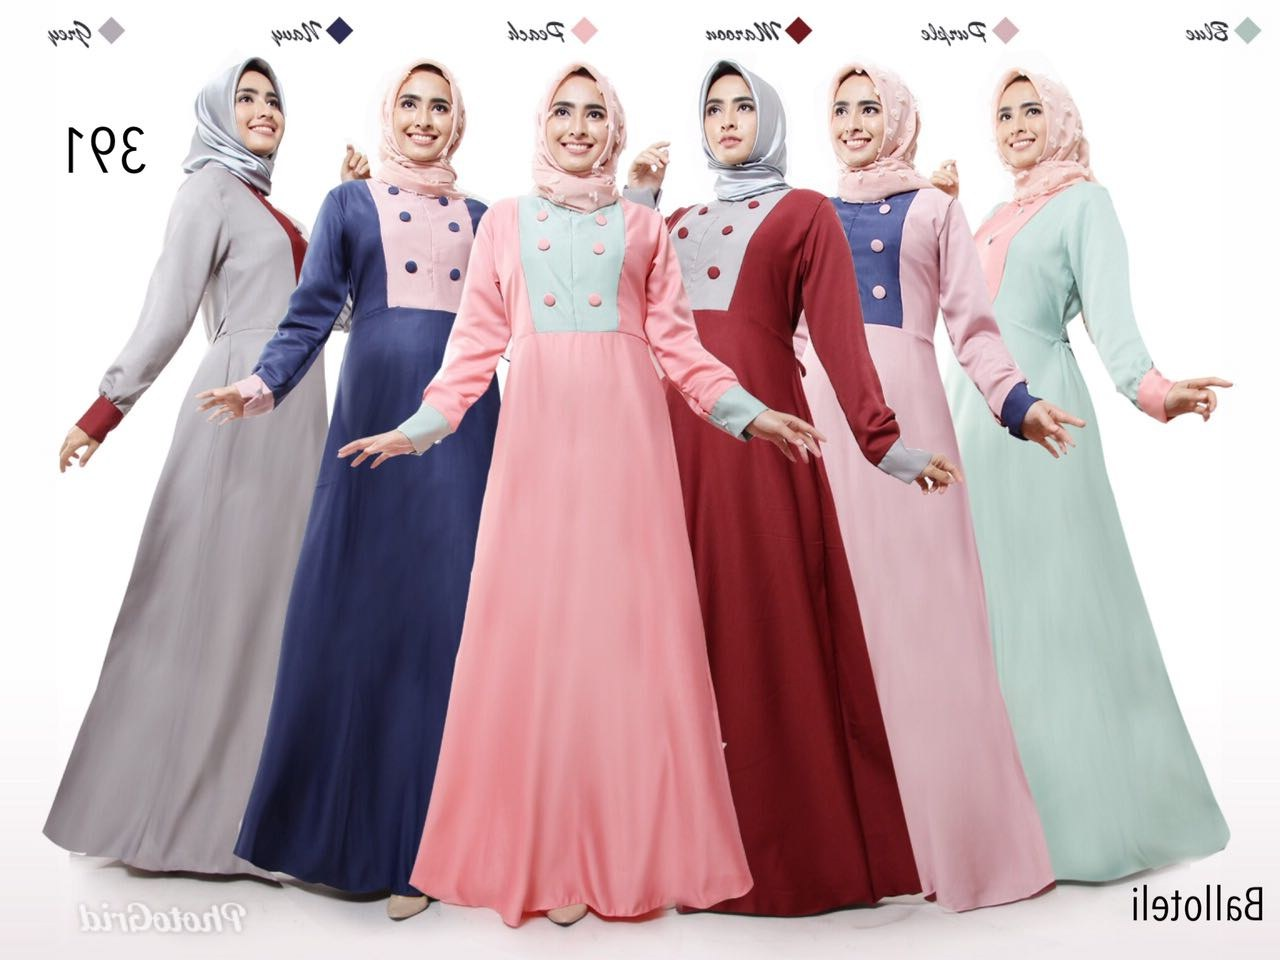 Inspirasi Model Baju Lebaran Di Thamrin City X8d1 Baju Muslim Terbaru Yang Lagi Hits 2018